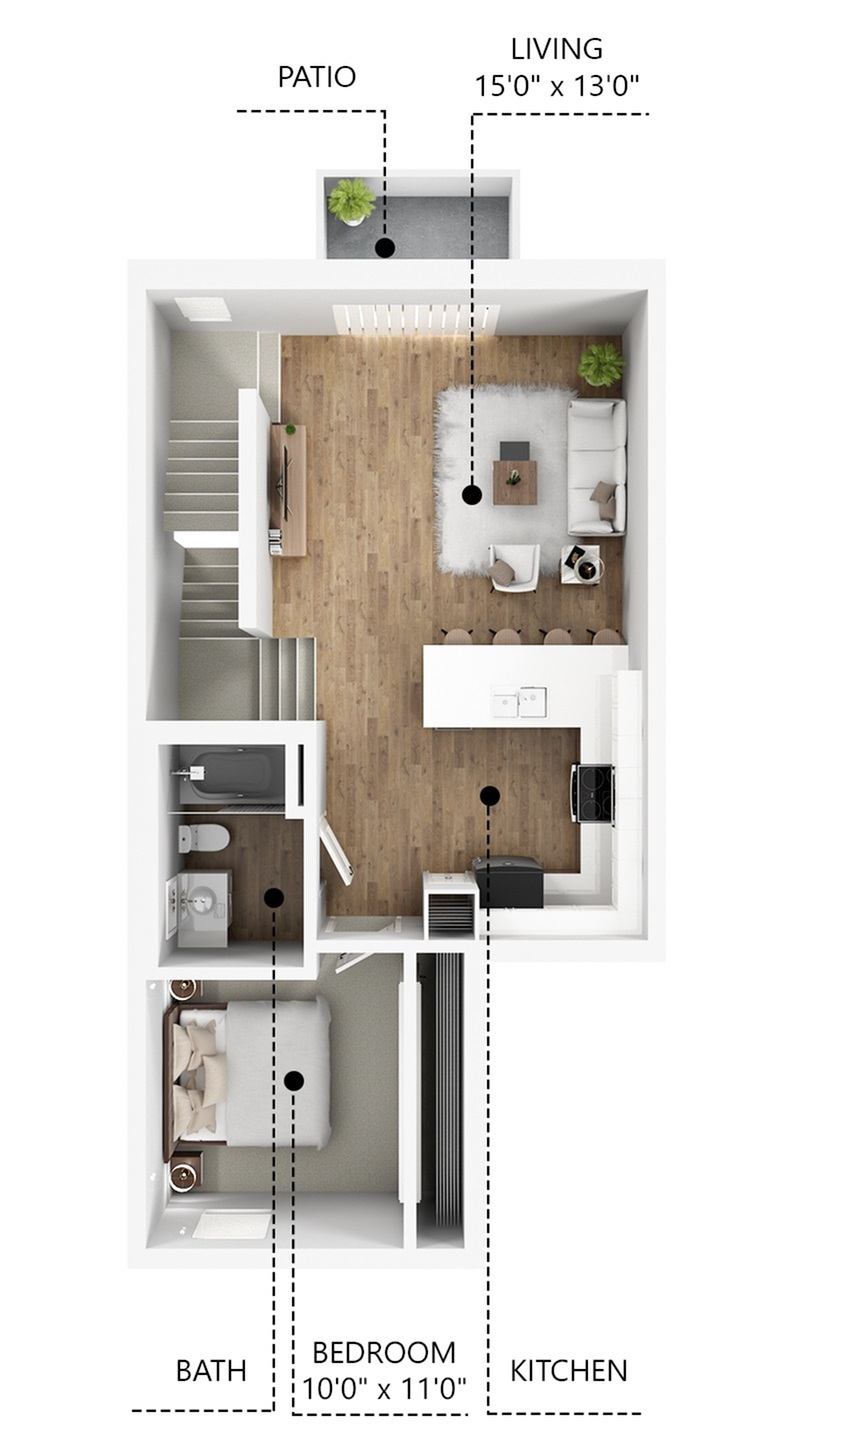 D8 - 2nd Floor